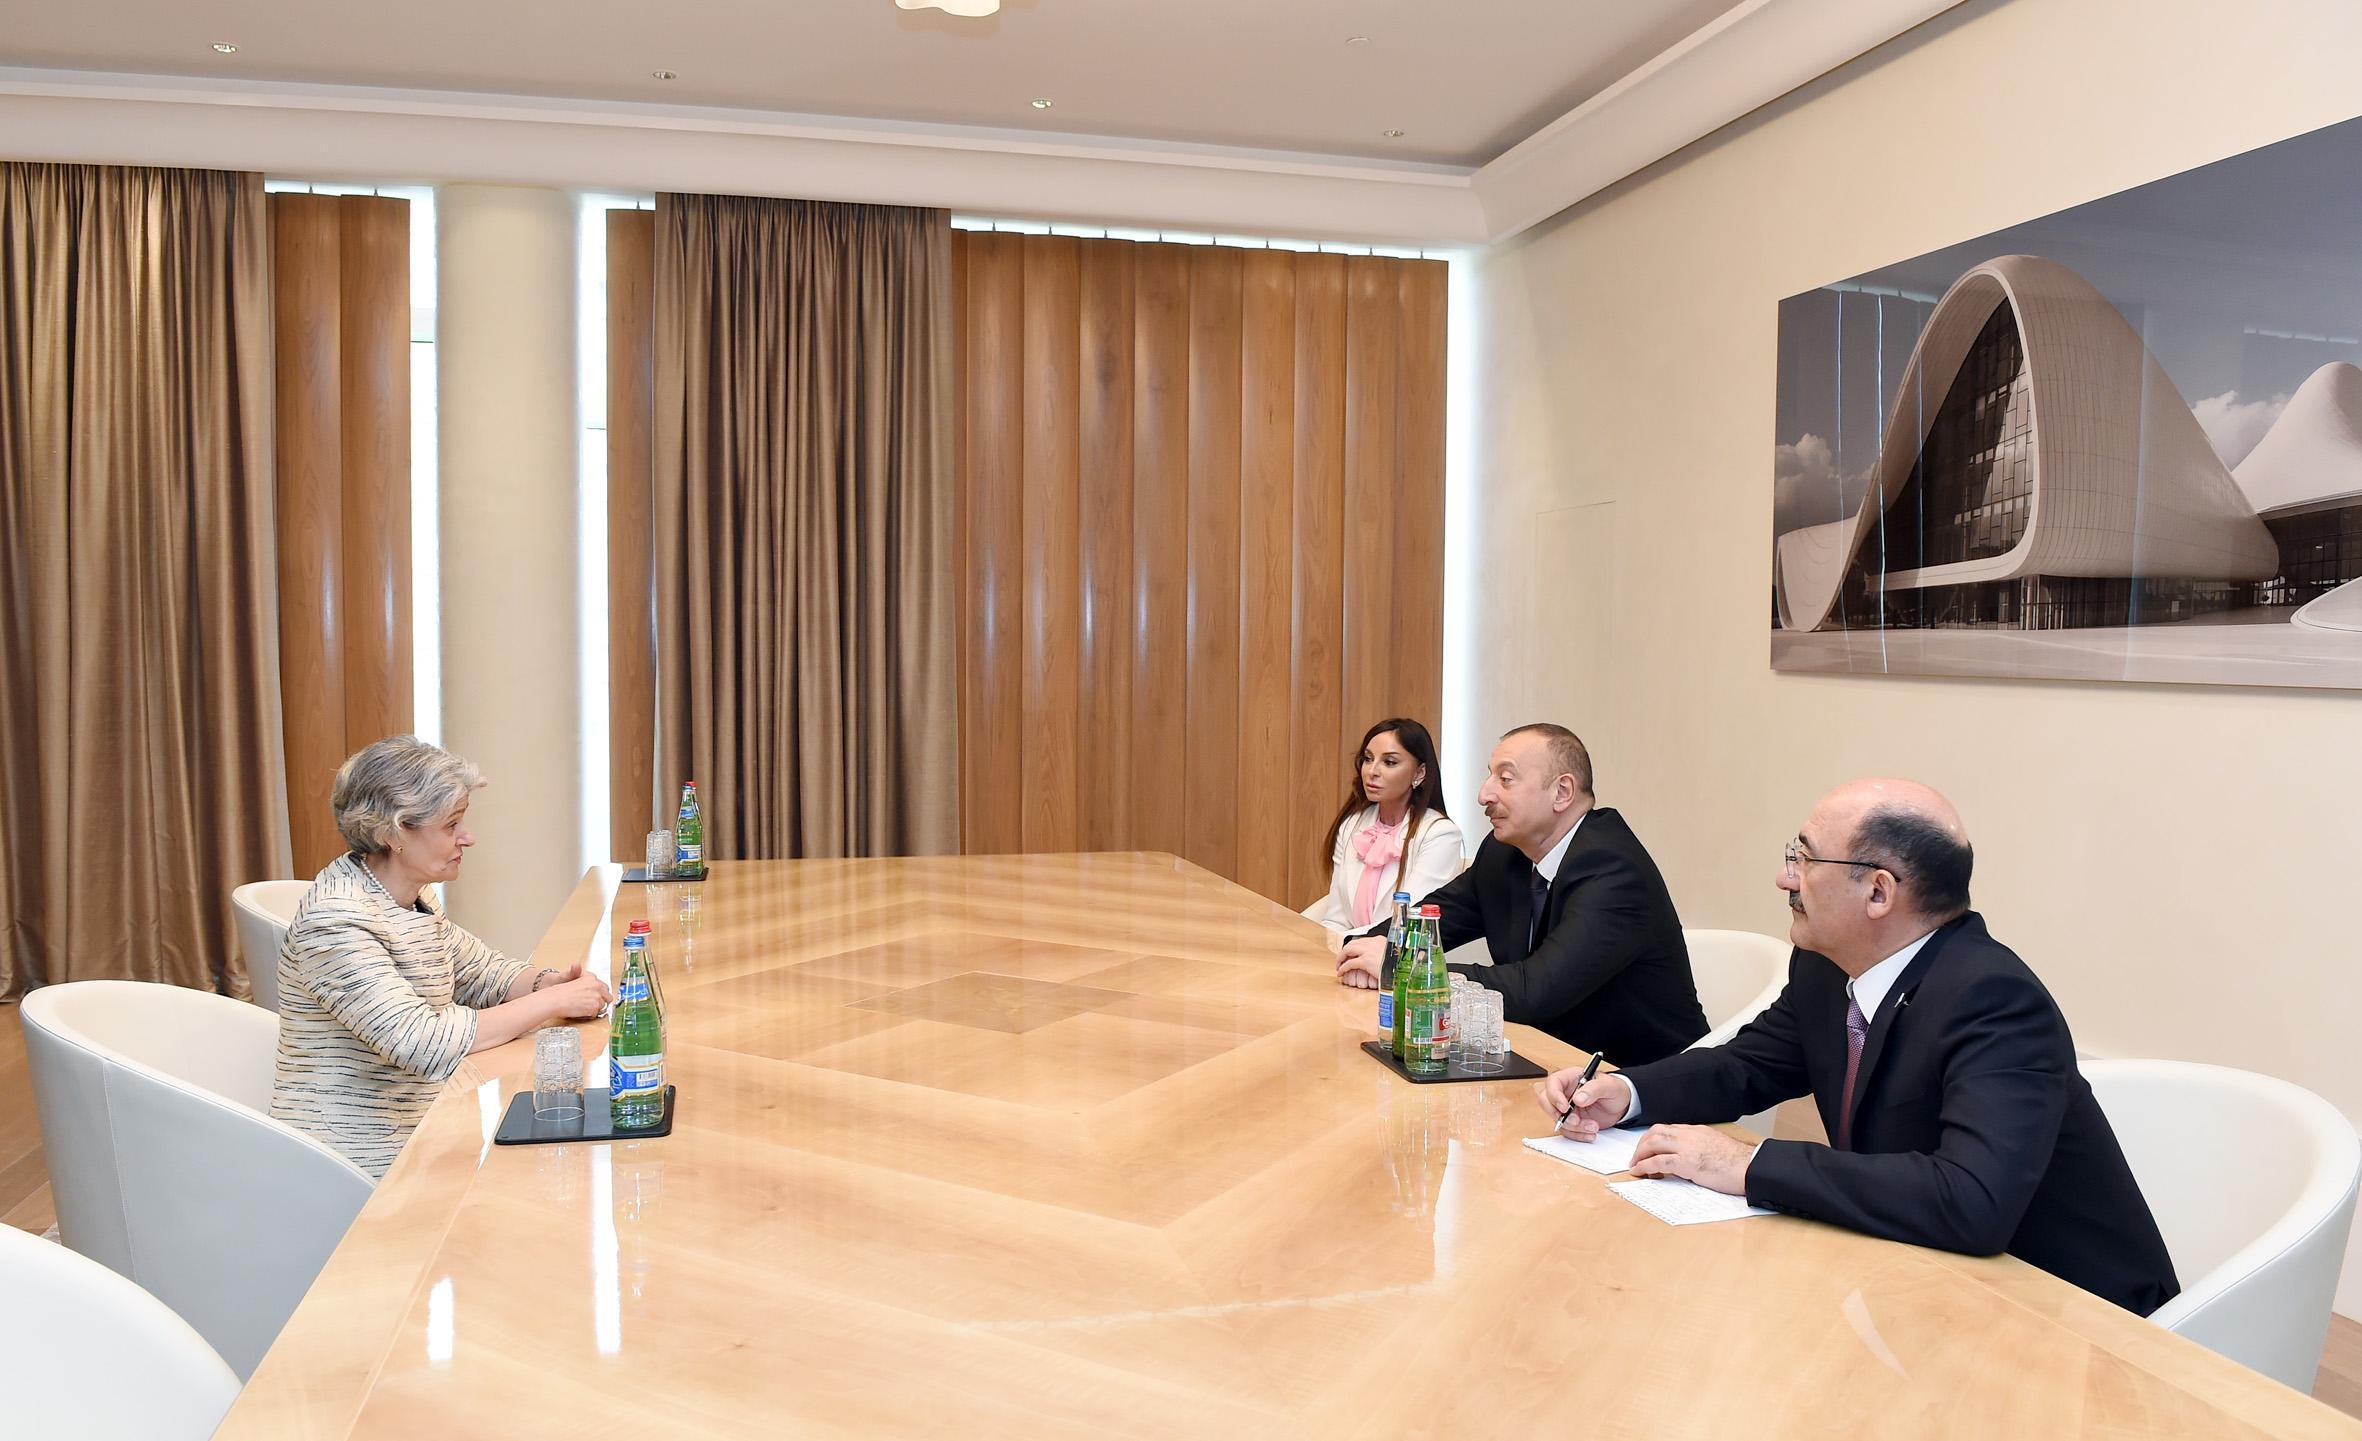 Президент Ильхам Алиев встретился с генеральным директором ЮНЕСКО